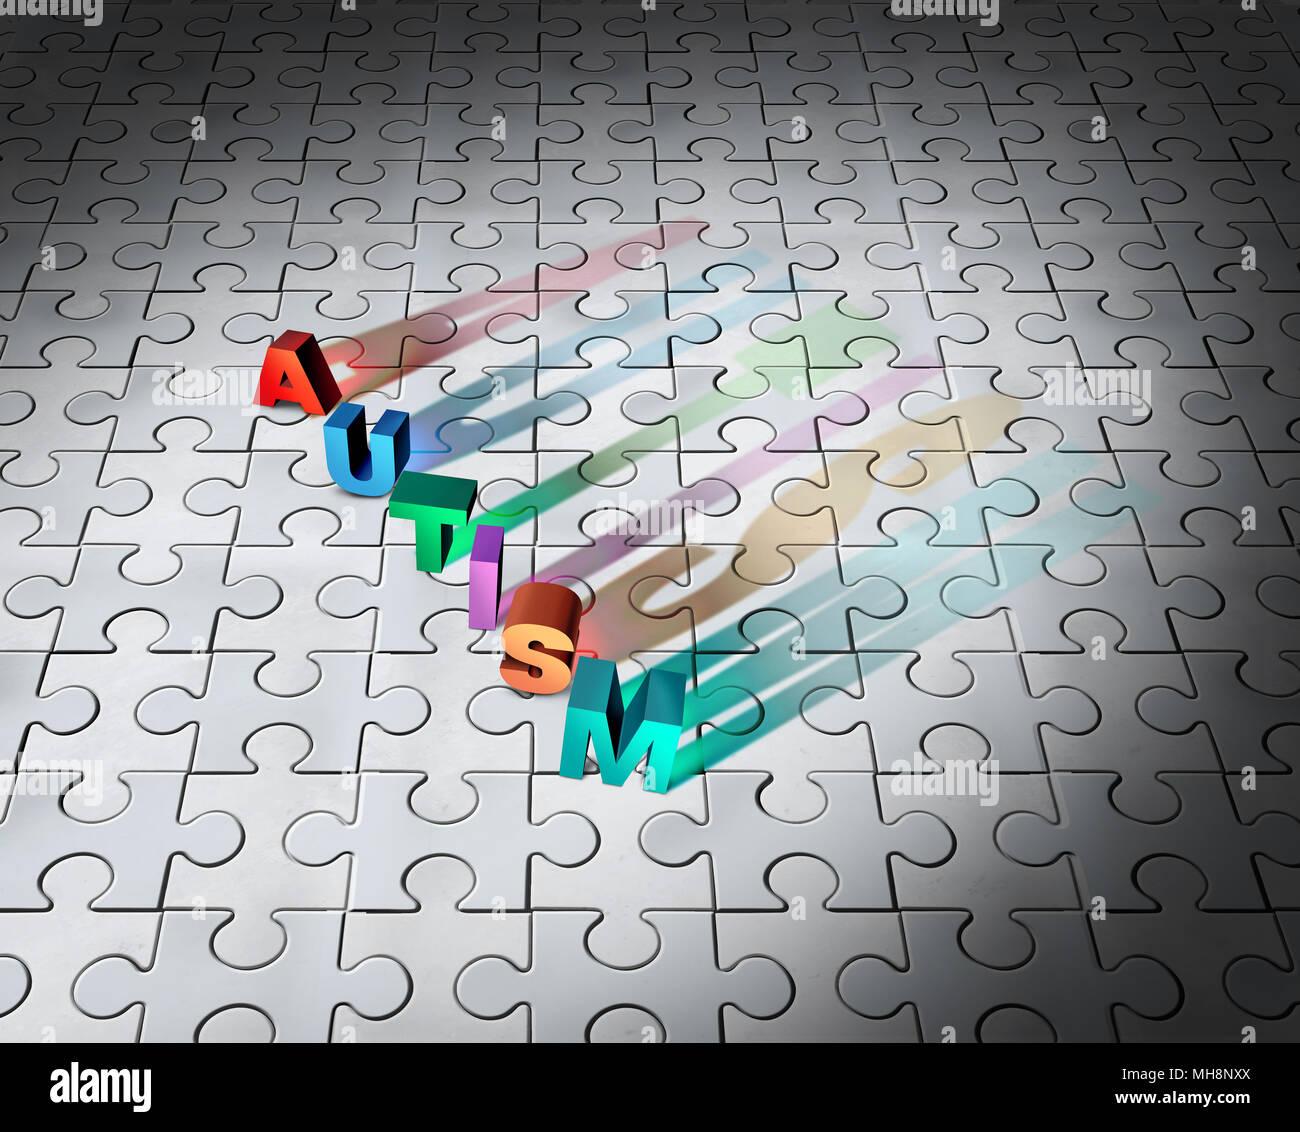 Puzzle de l'autisme et troubles du développement de la petite enfance contexte jigsaw comme un symbole abstrait de la conscience comme un autiste 3D illustration. Photo Stock